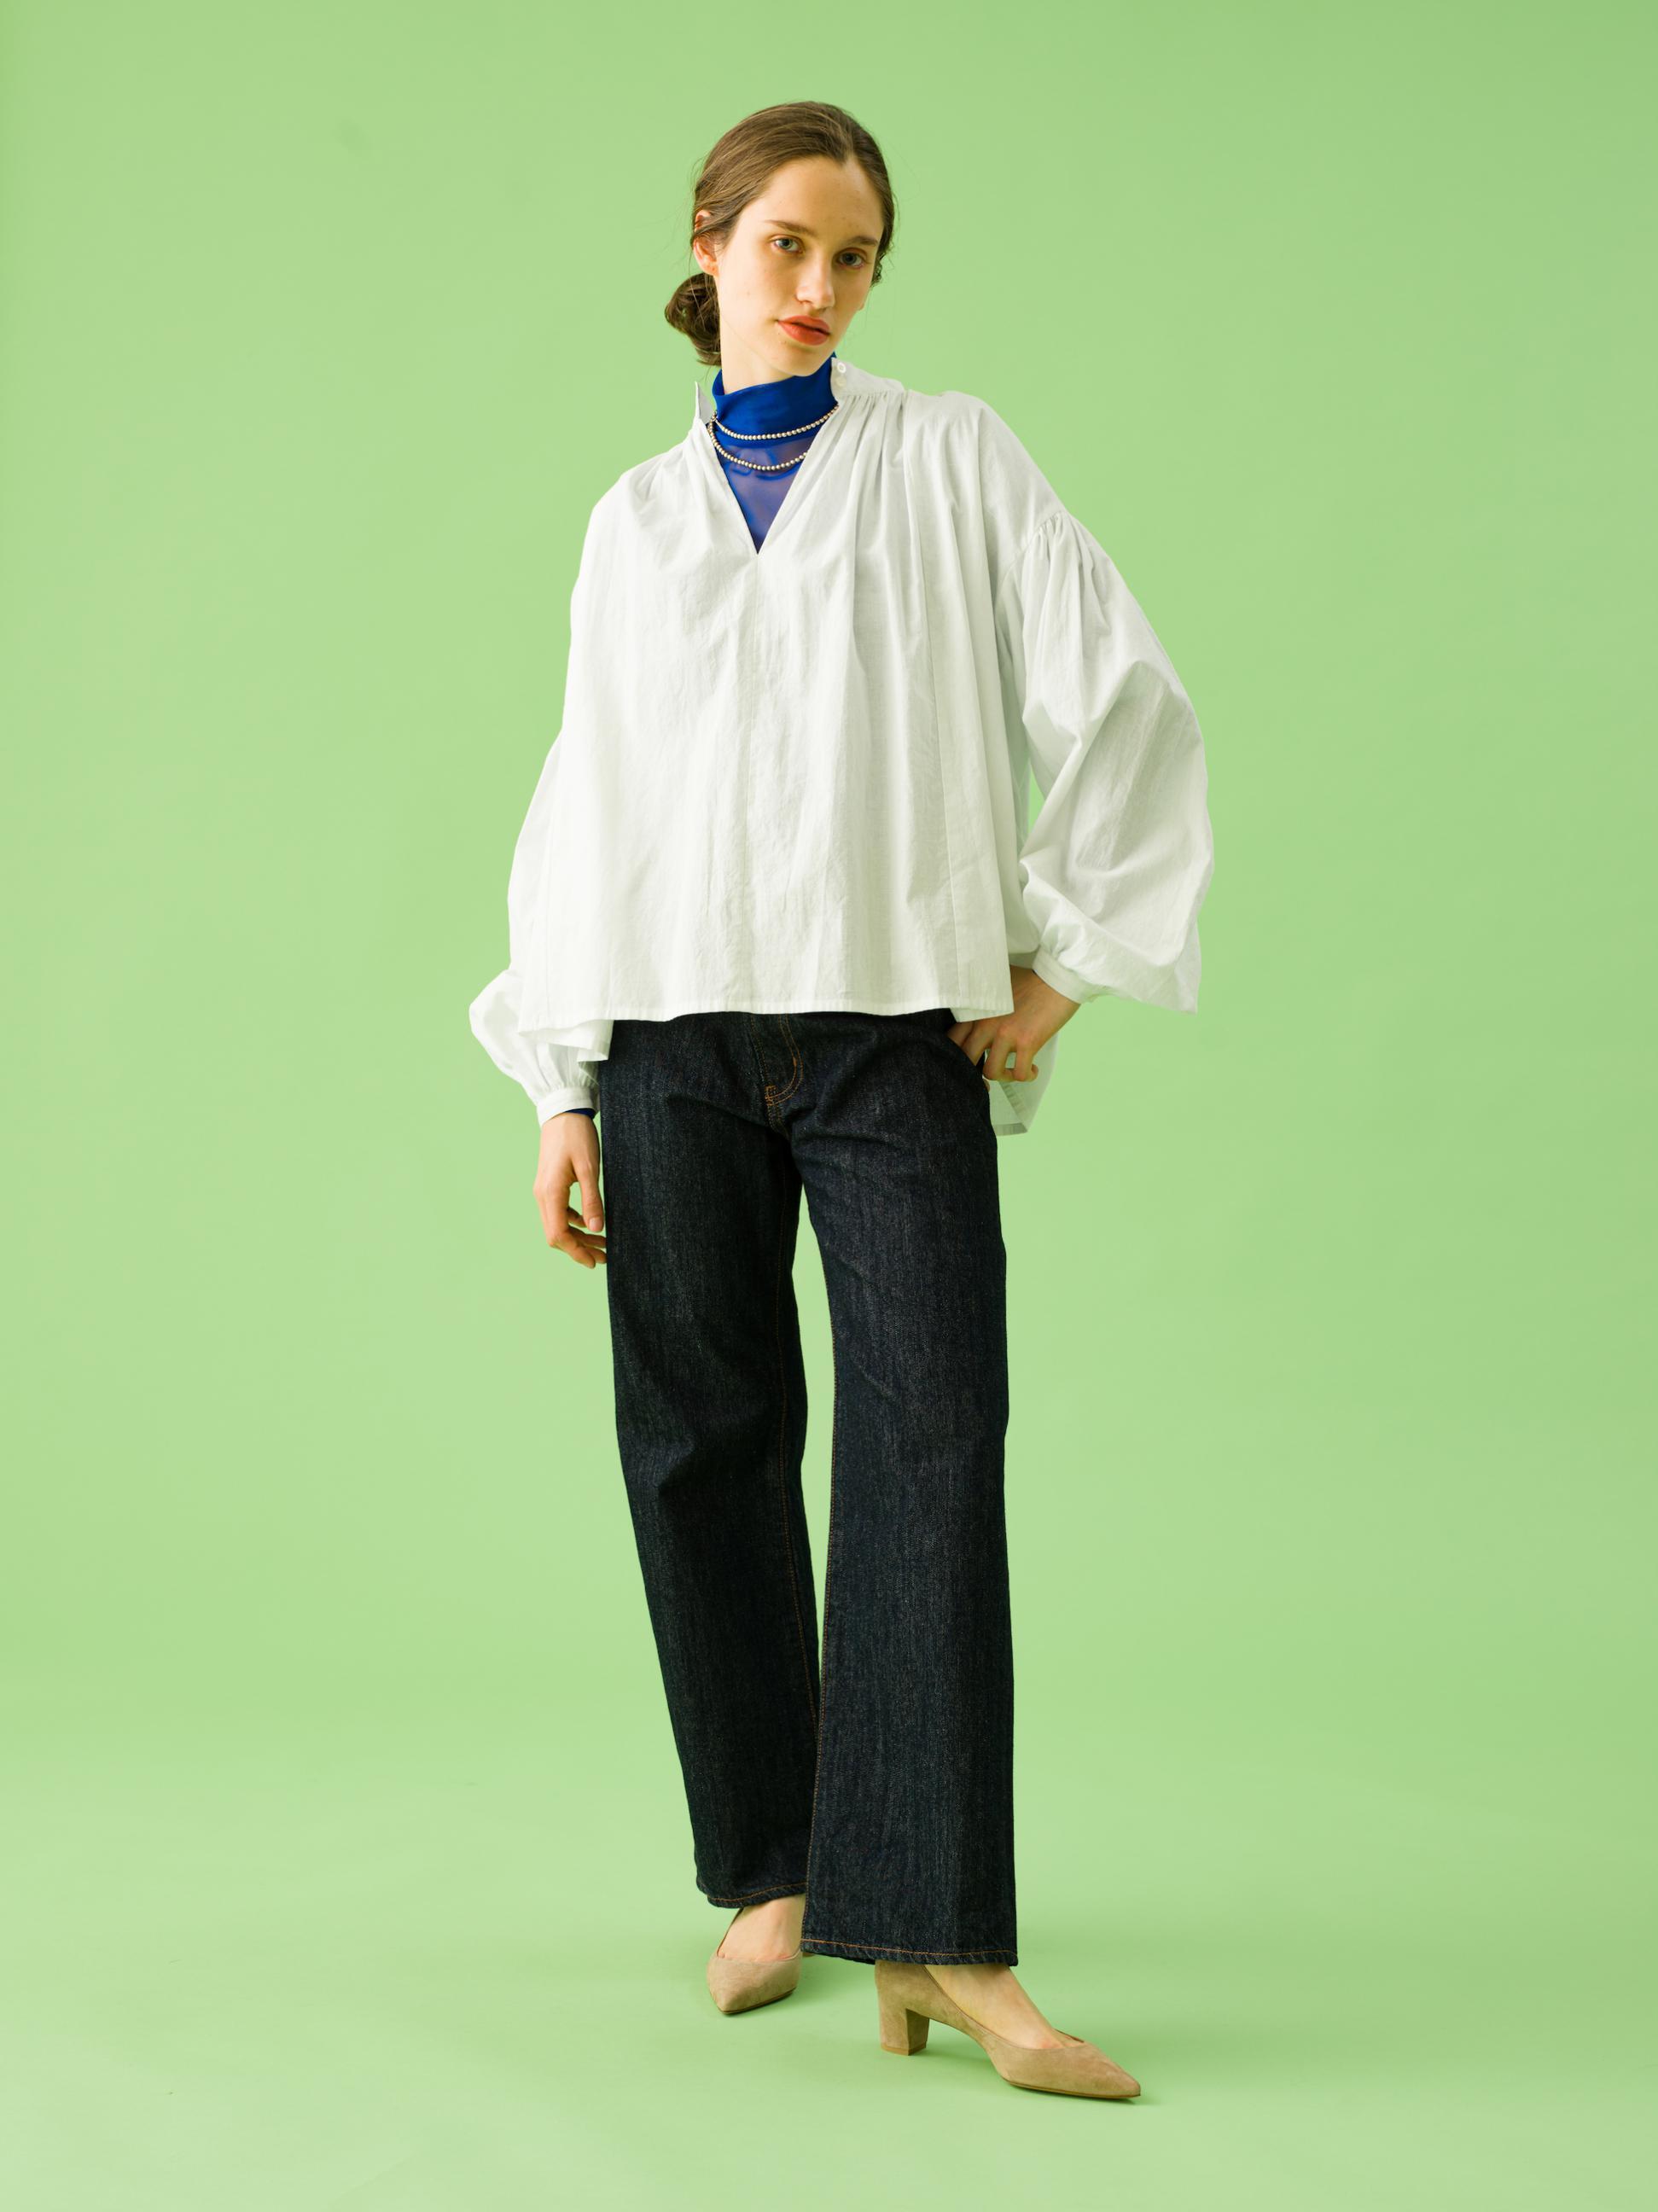 17_1 blouse¥21,000 tops¥19,000 pants¥21,000 necklace¥43,000 shoes¥30,000